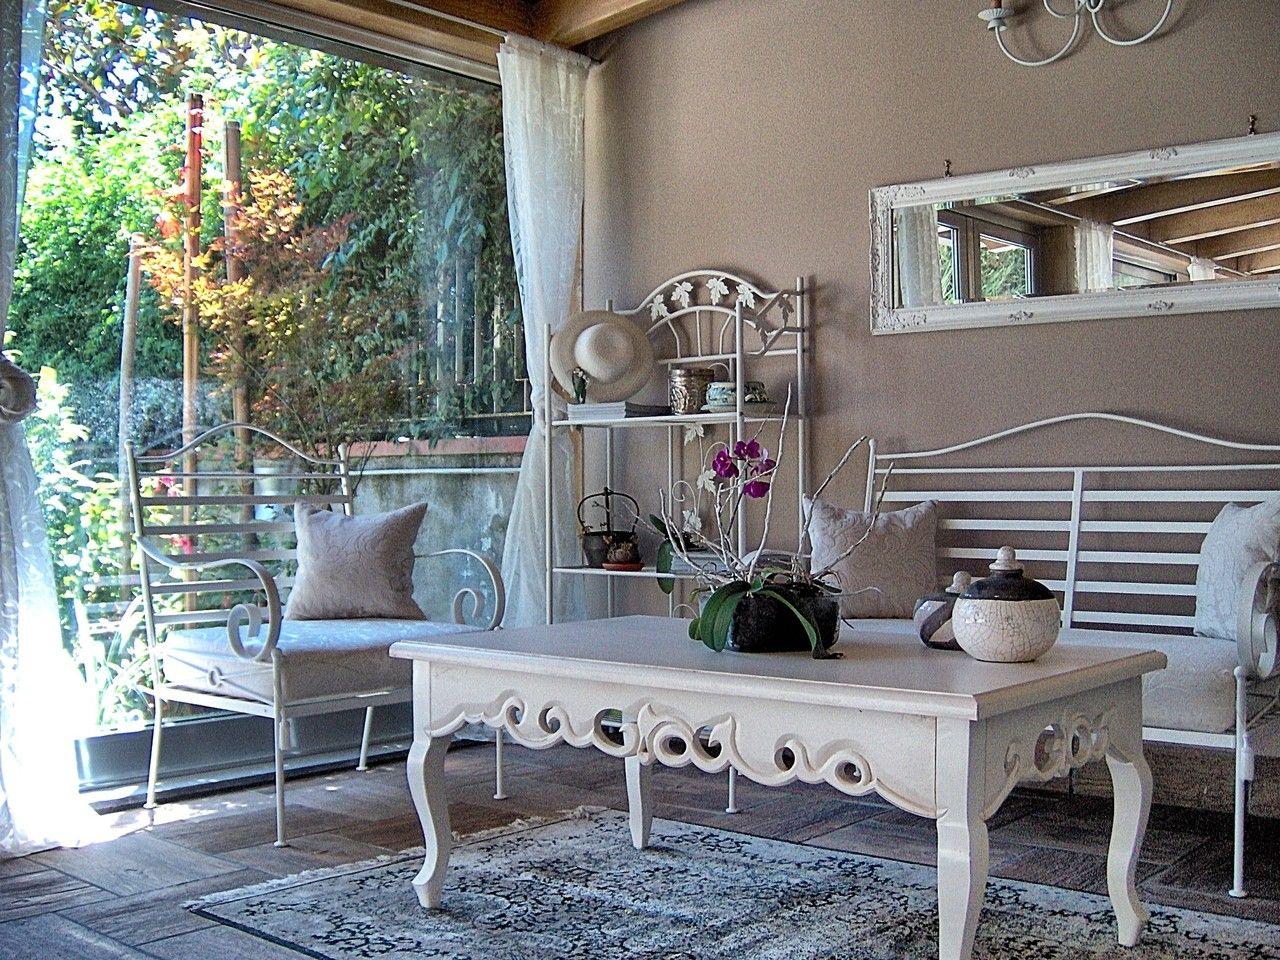 #soaassociati - #giardino d'inverno di una #casa privata a #pedara - www.soaassociati.eu